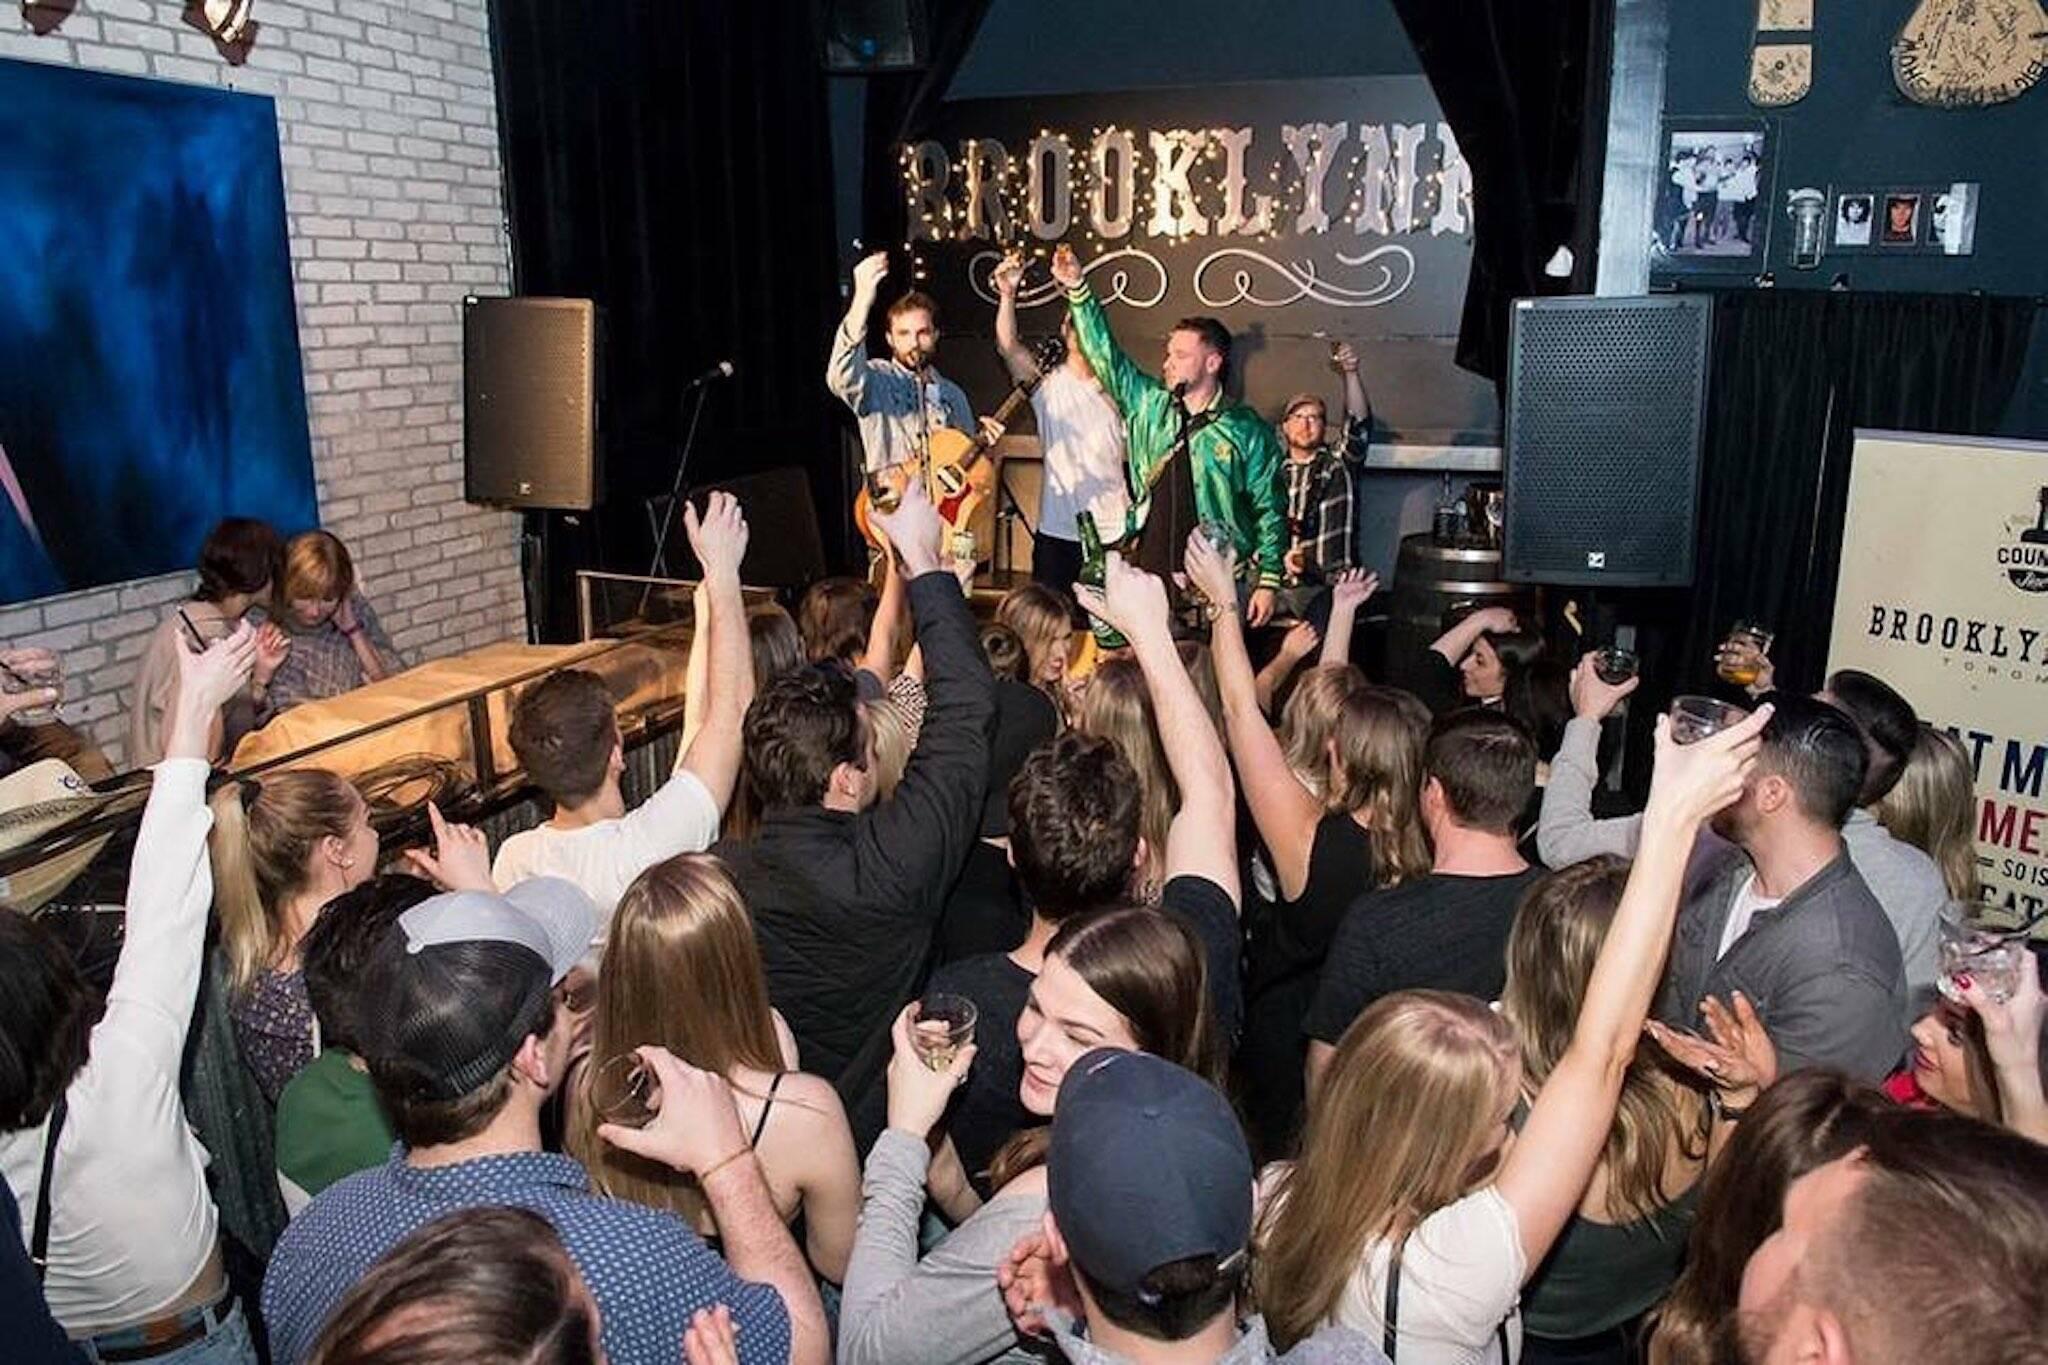 brooklynn bar toronto